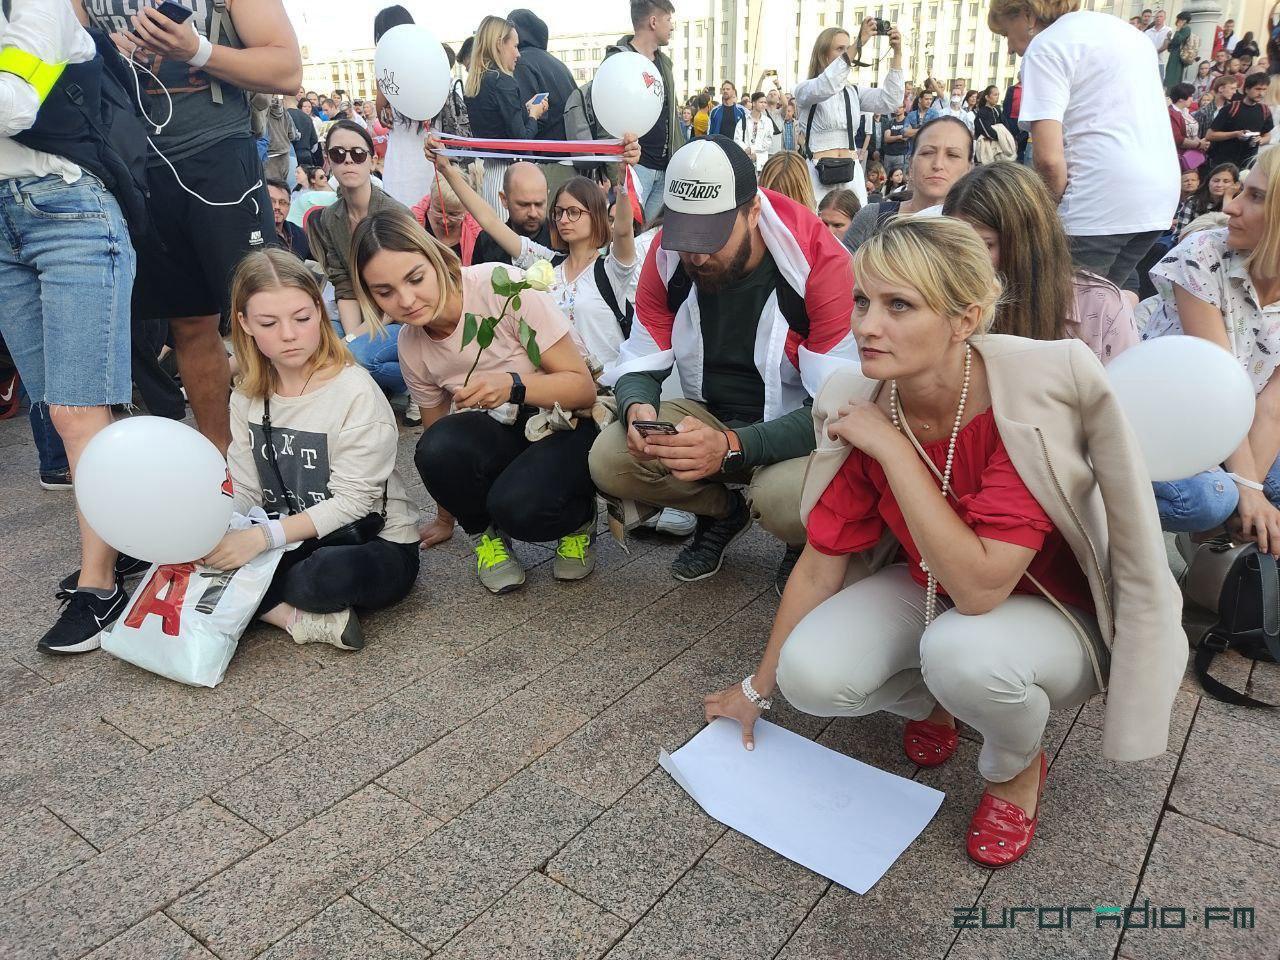 Квіти у щитах і величезний прапор: що відбувалося на протестах у Білорусі 14 серпня